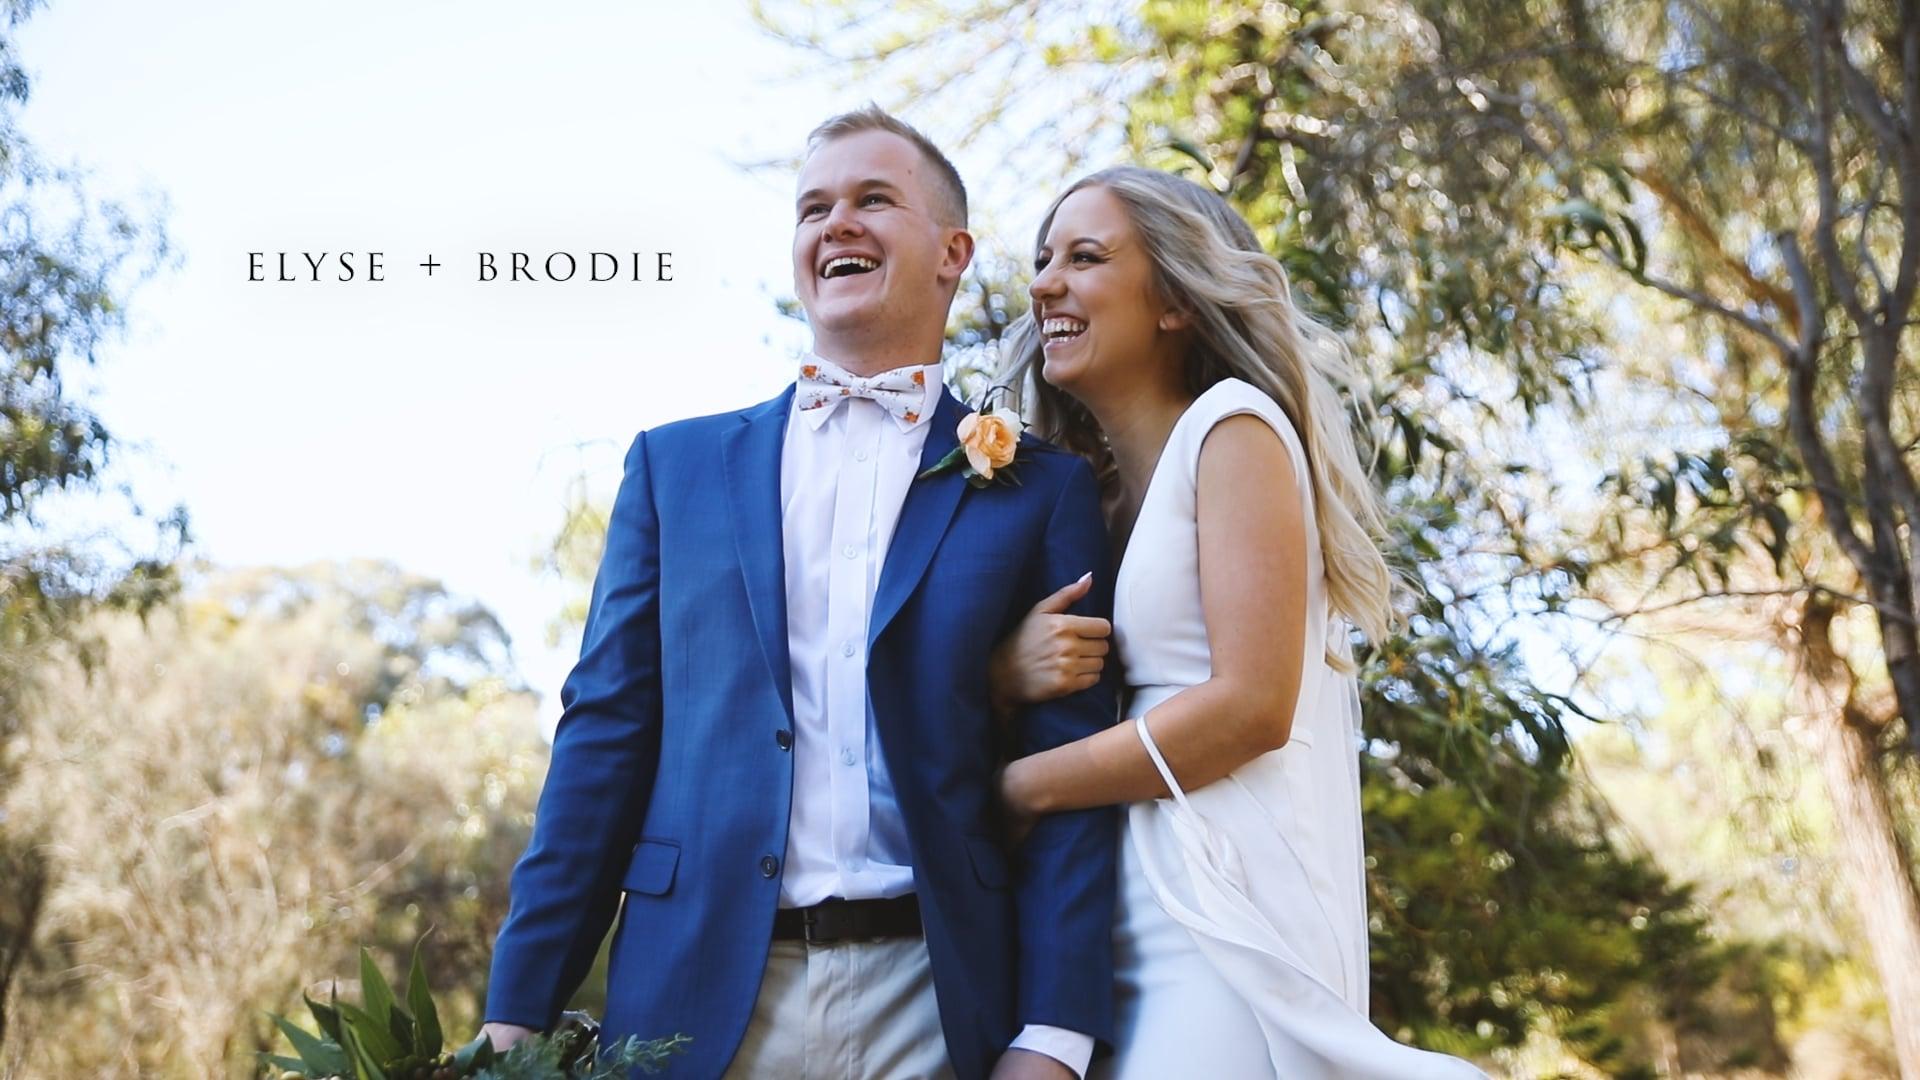 Elyse & Brodie Wedding Story